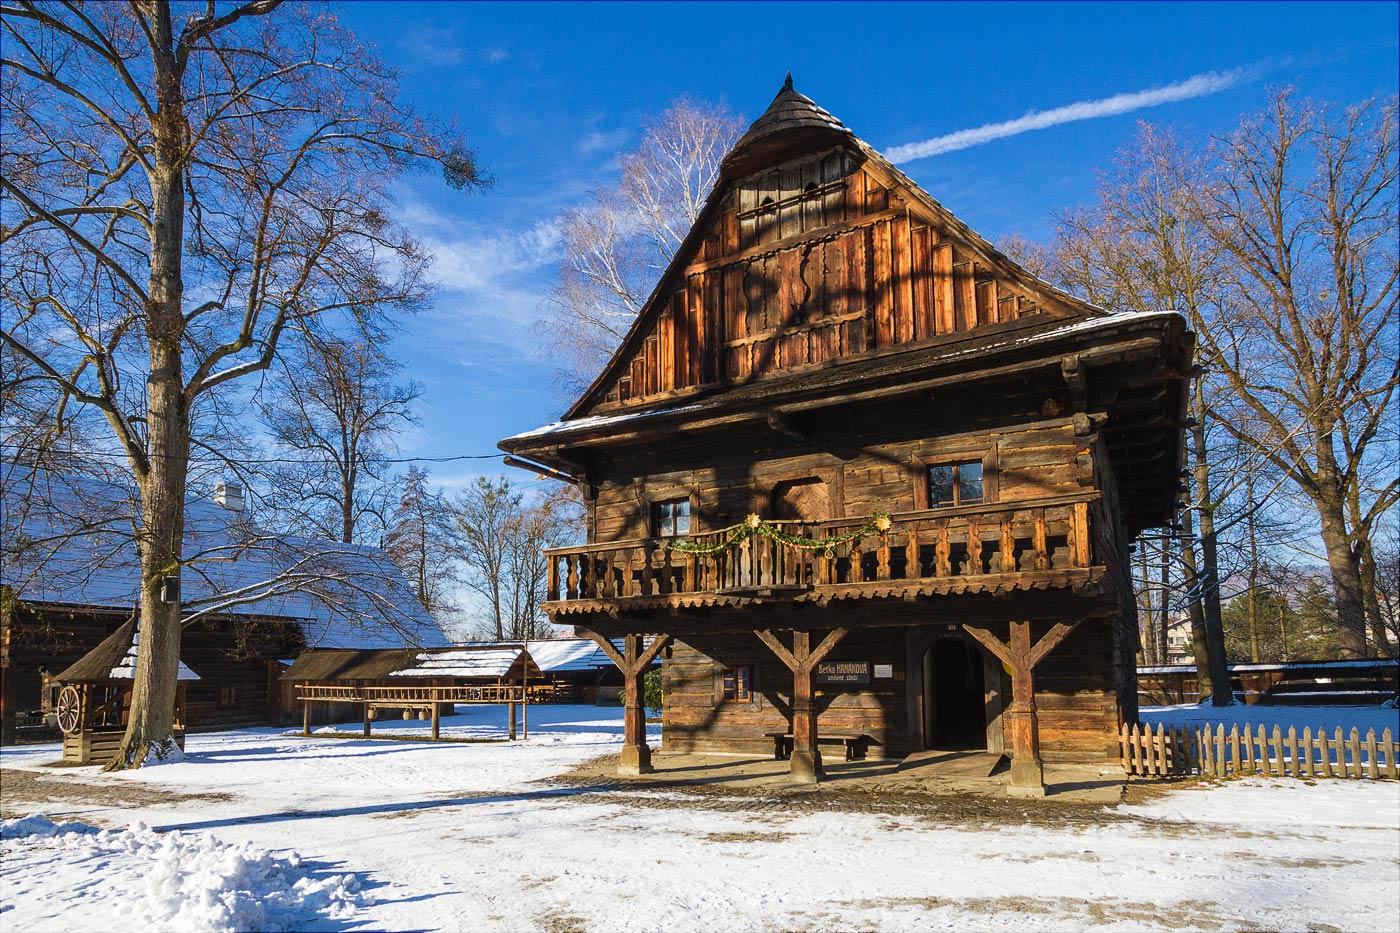 http://countryczech.com/wp-content/uploads/2017/01/photos/20161217-131345_Roznov_pod_Radhostem_skanzen.jpg